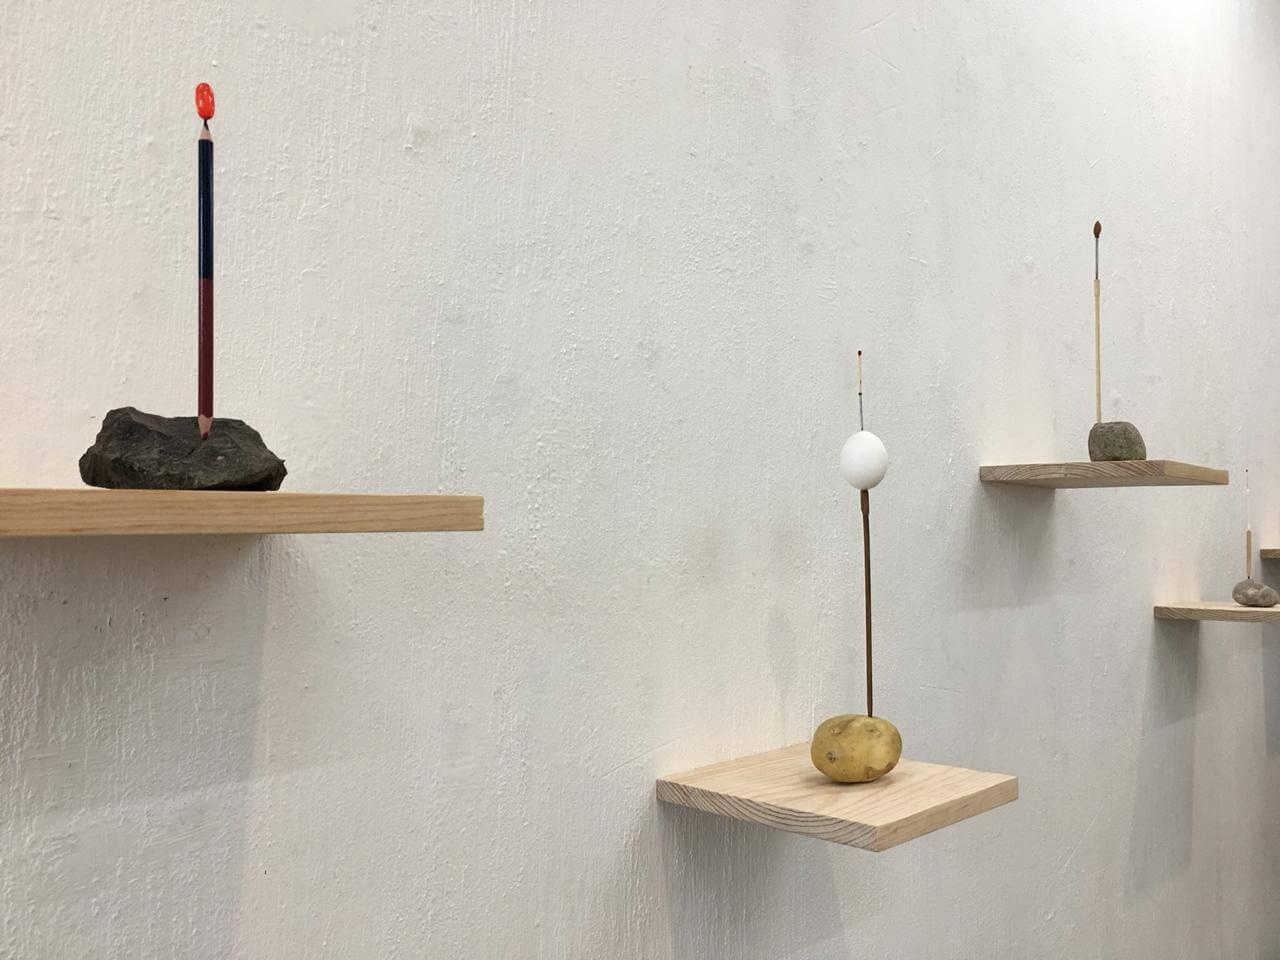 """Desde el 12 de septiembre y hasta el 18 del mismo mes, estará abierta al público en general la exposición """"No hay nada que no haya sido ya"""", del artista tapatío Zazil Barba."""